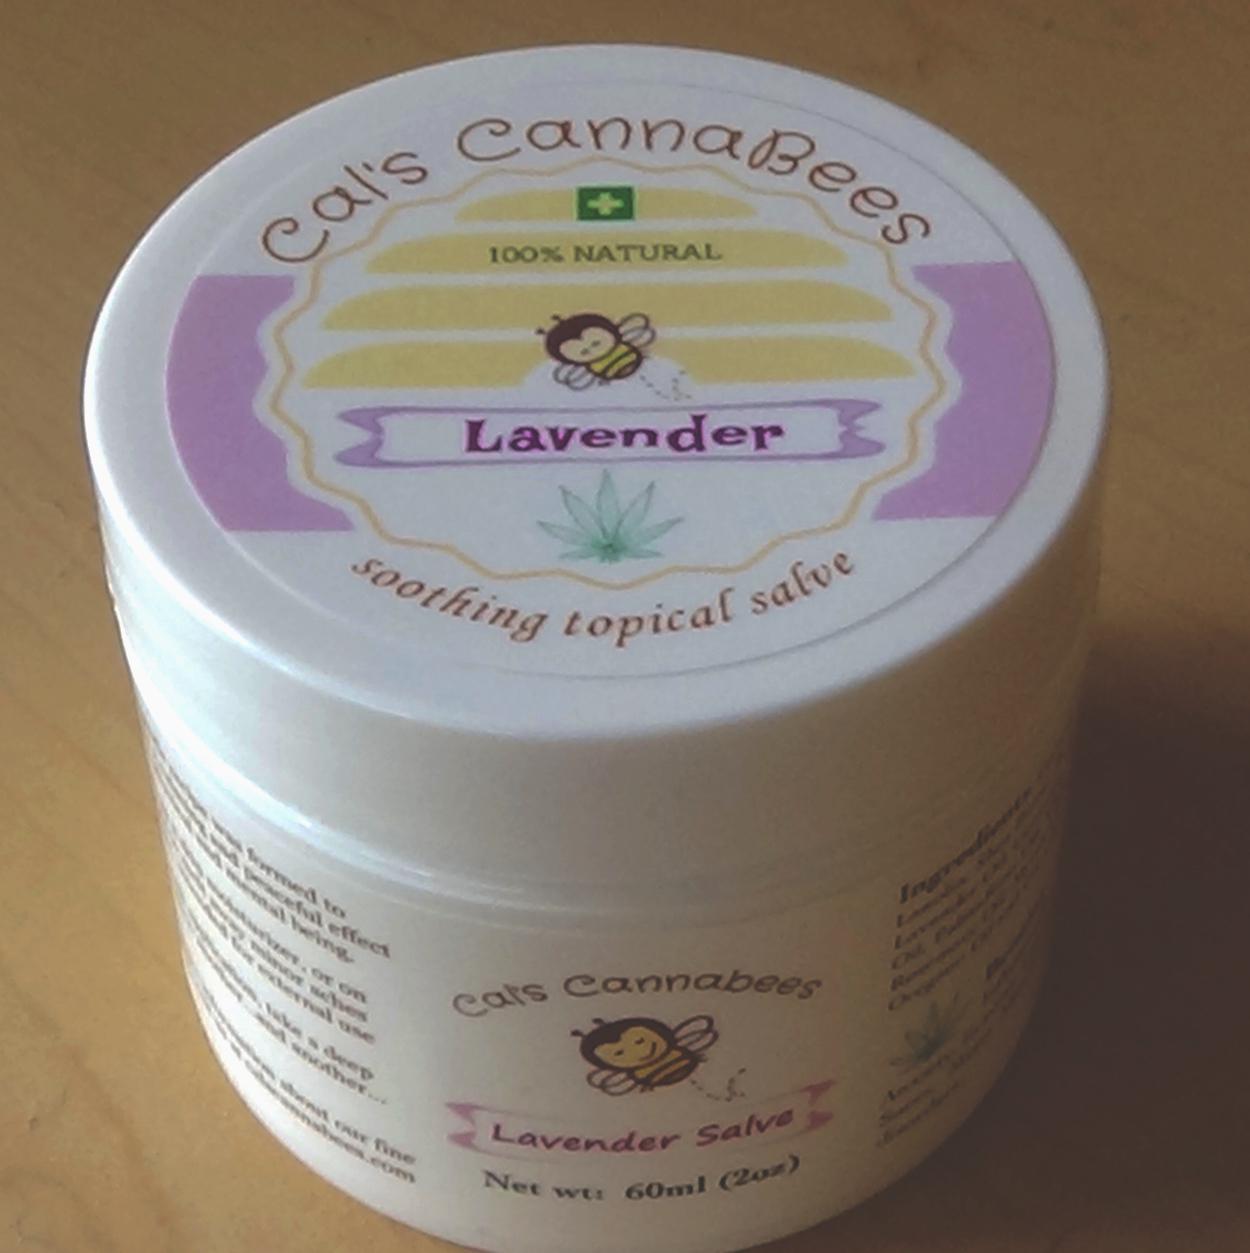 Salve CC – Lavender